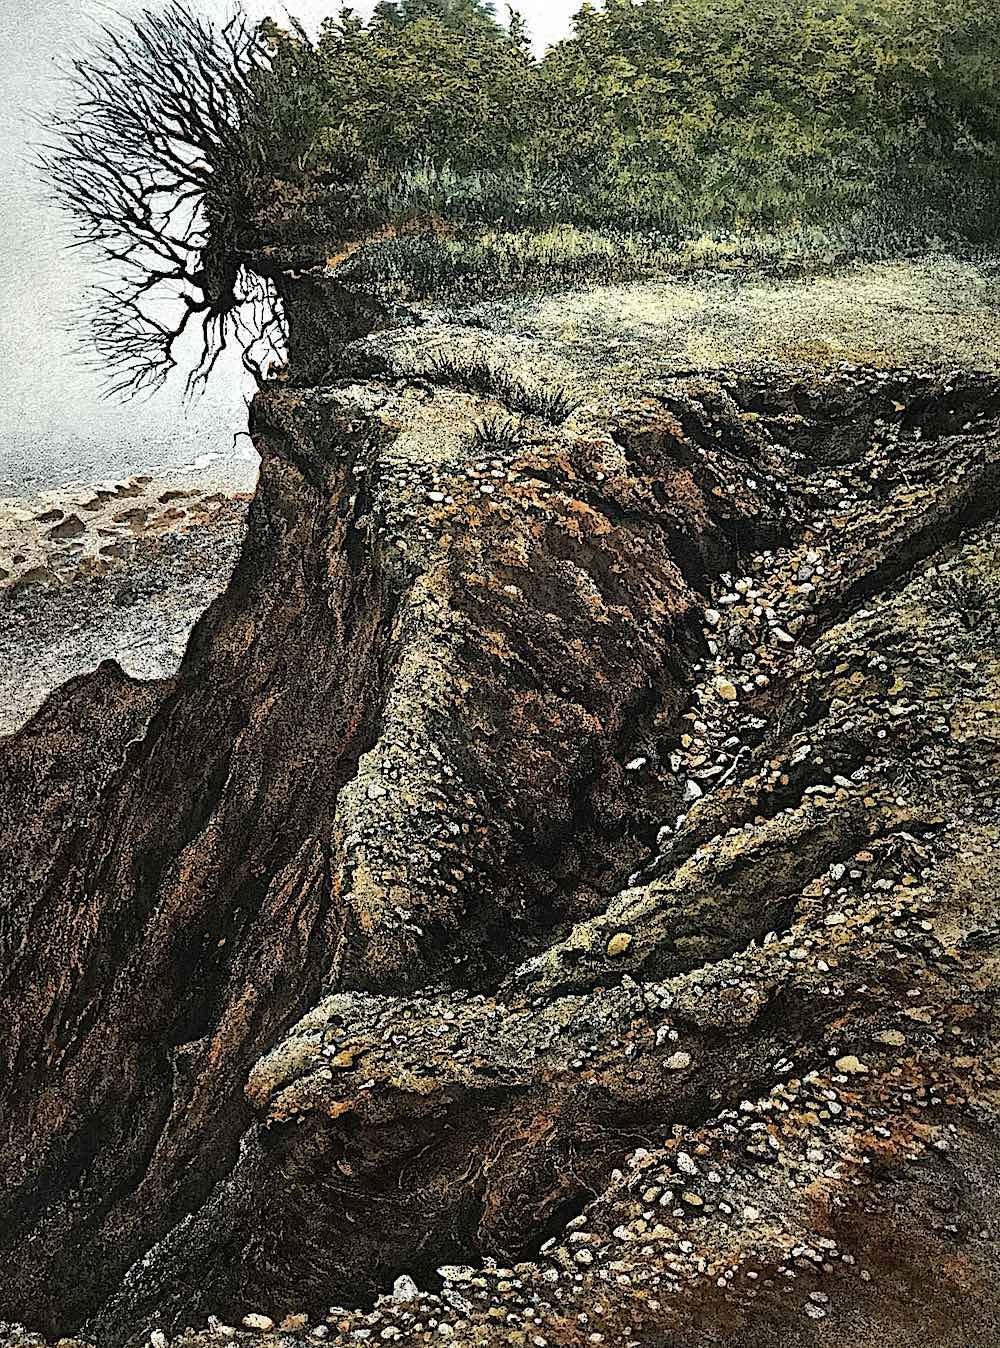 an Art Werger landscape